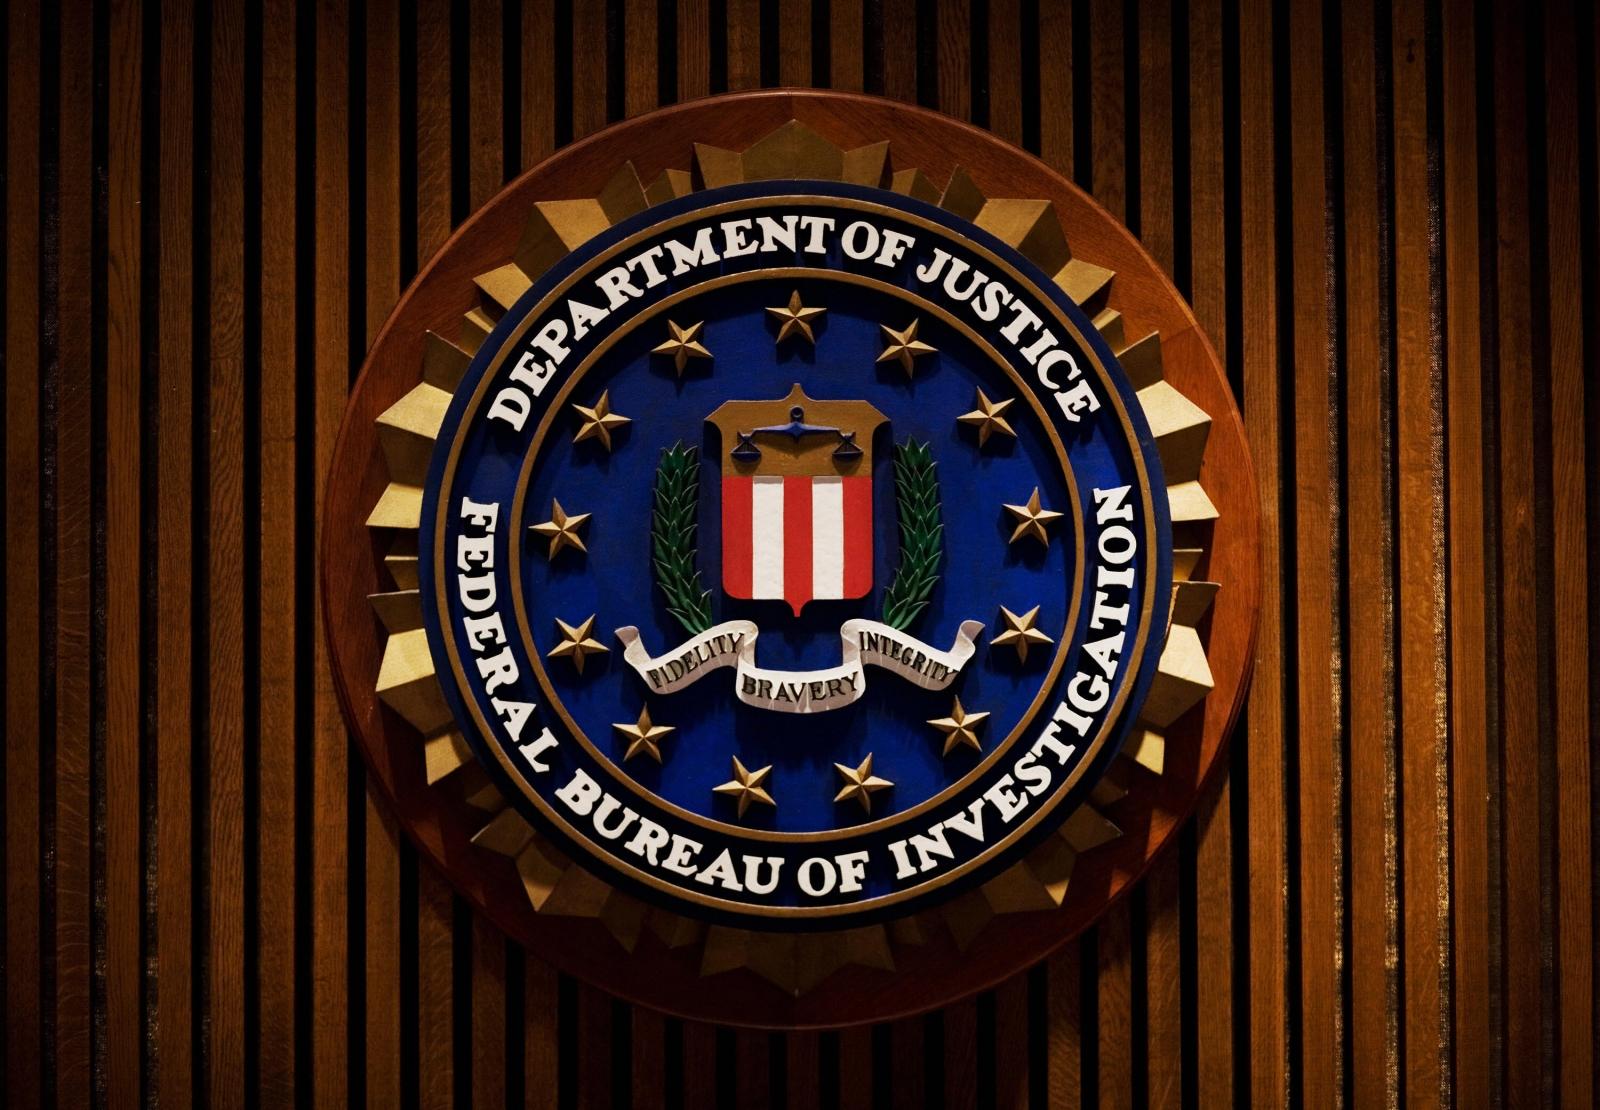 FBI crest